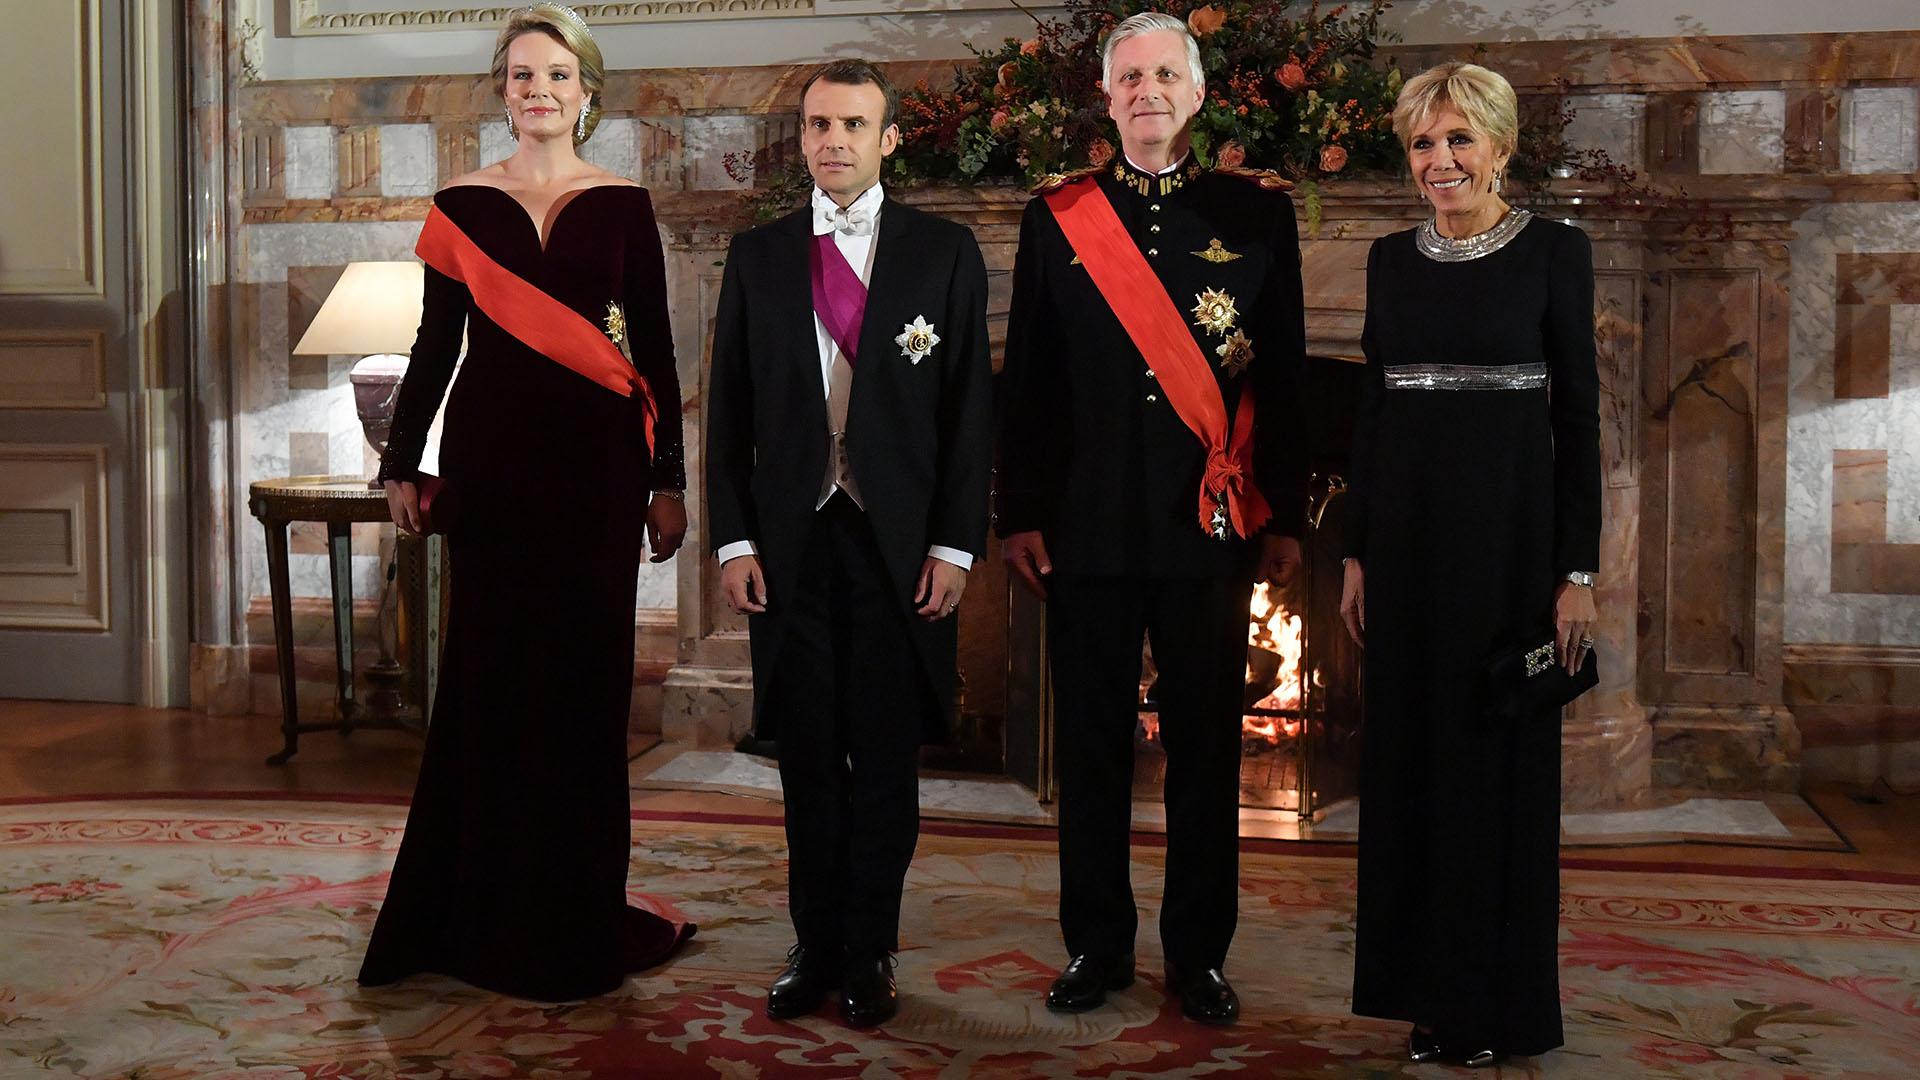 Mathilde eligió un impactante vestido de terciopelo con escote corazón, mientras que Brigitte escogió uno negro combinado con plata